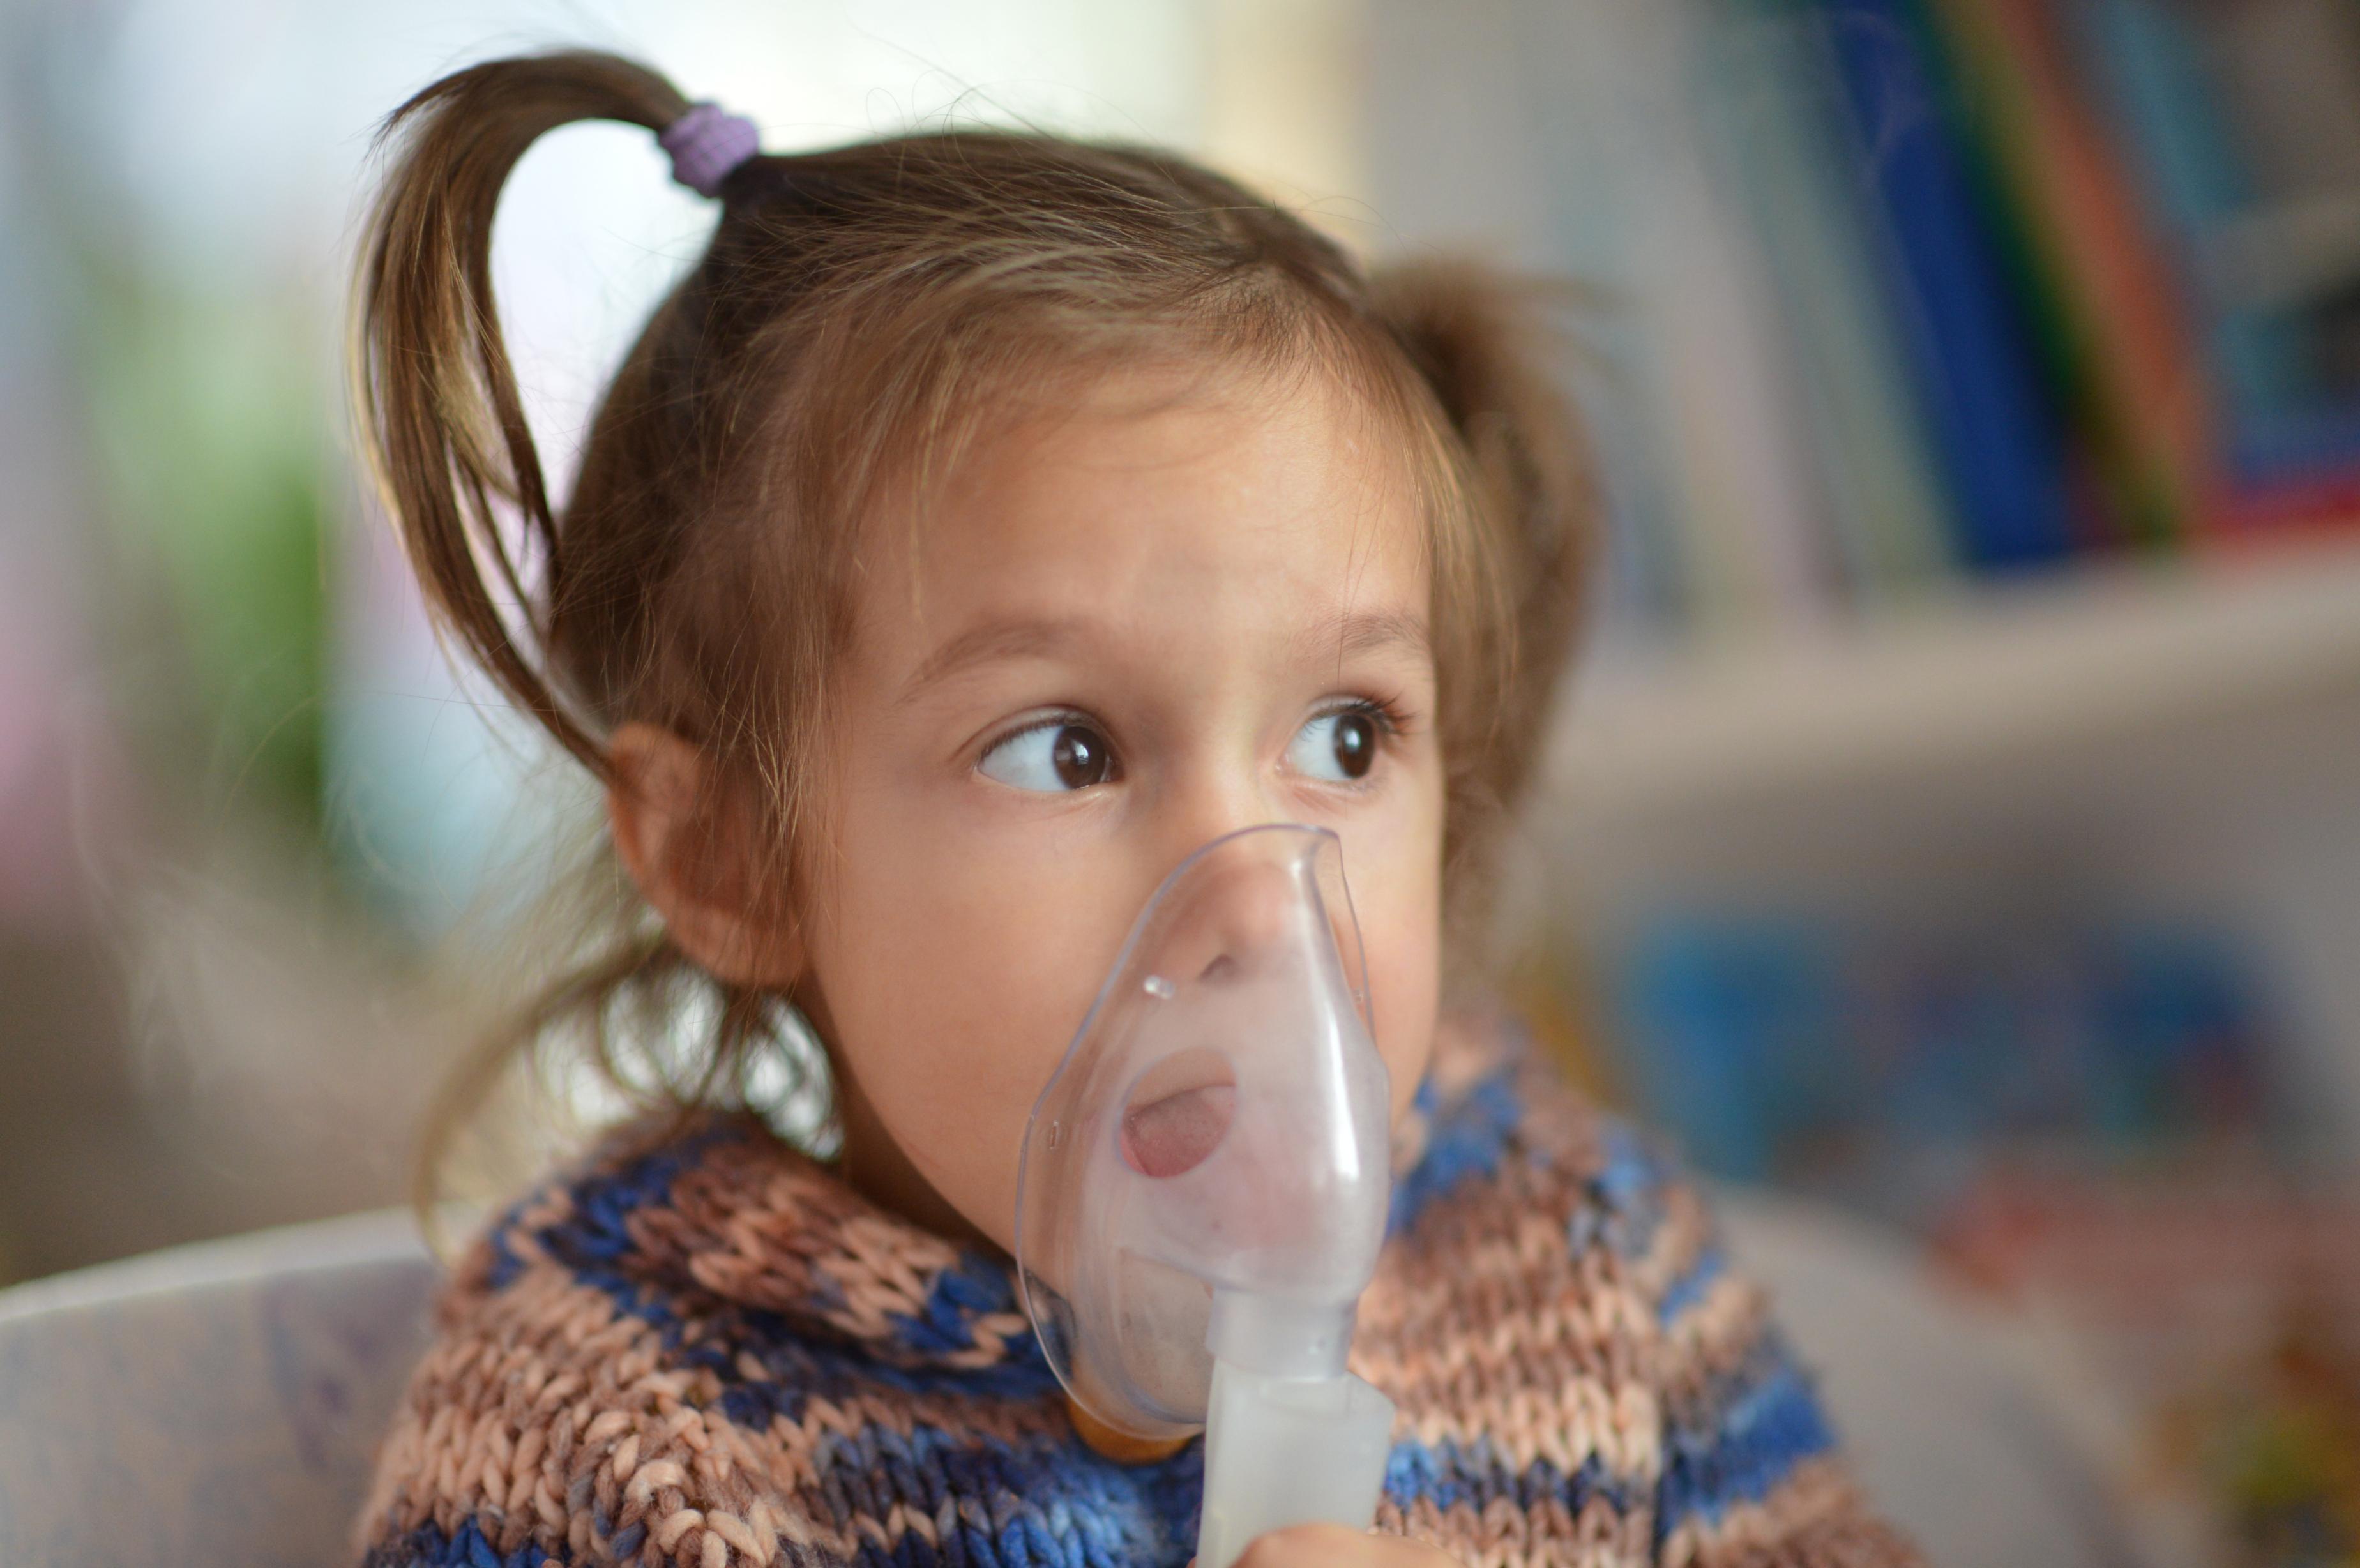 Resultatet av studien visar att rökning i tidigare generationer även påverkar risken för astma i senare generationer.